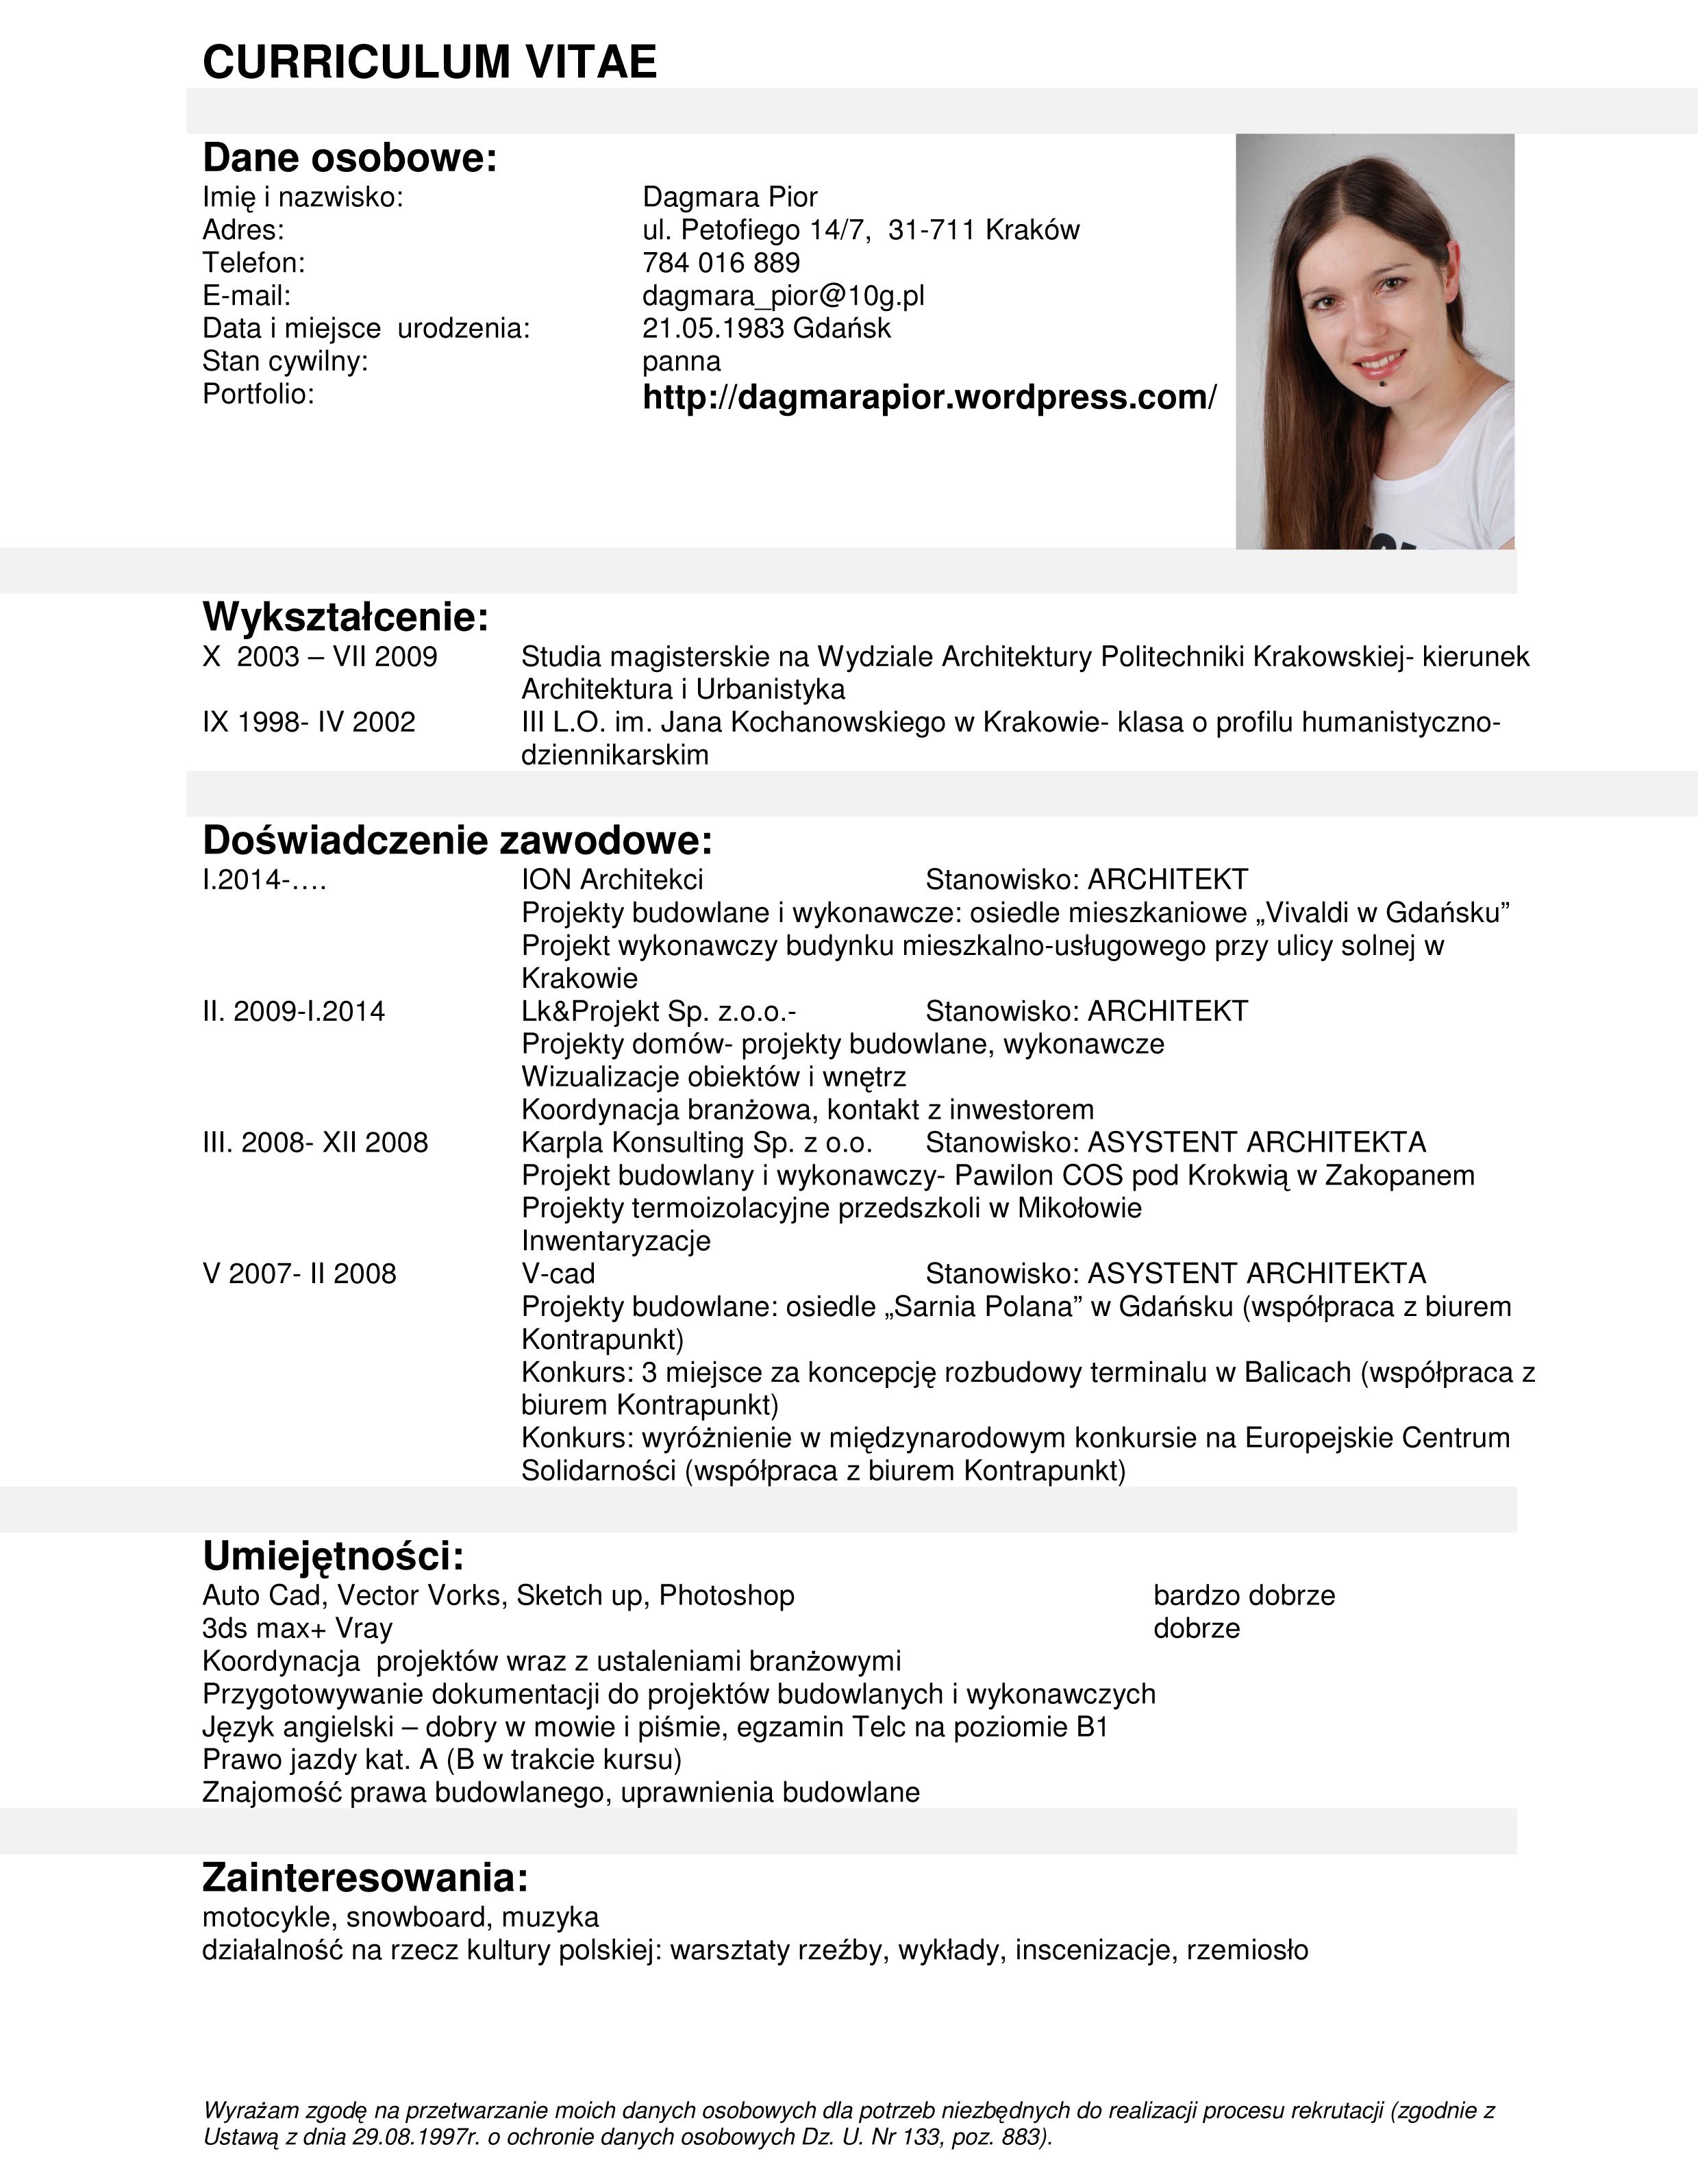 CV Dagmara Pior